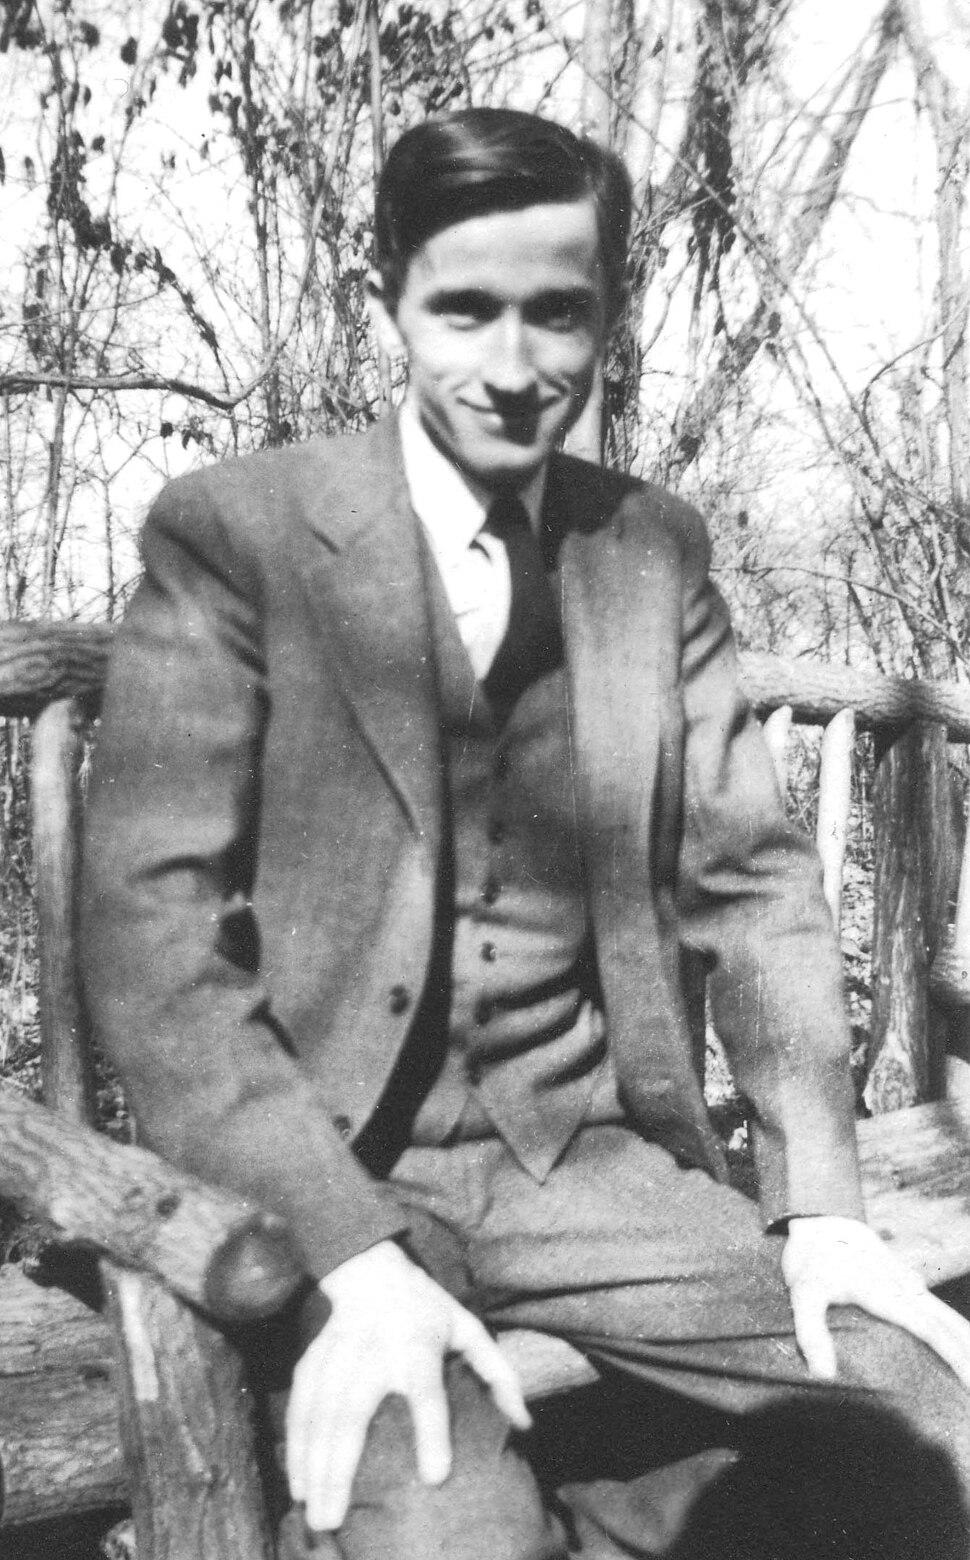 Max Delbruck